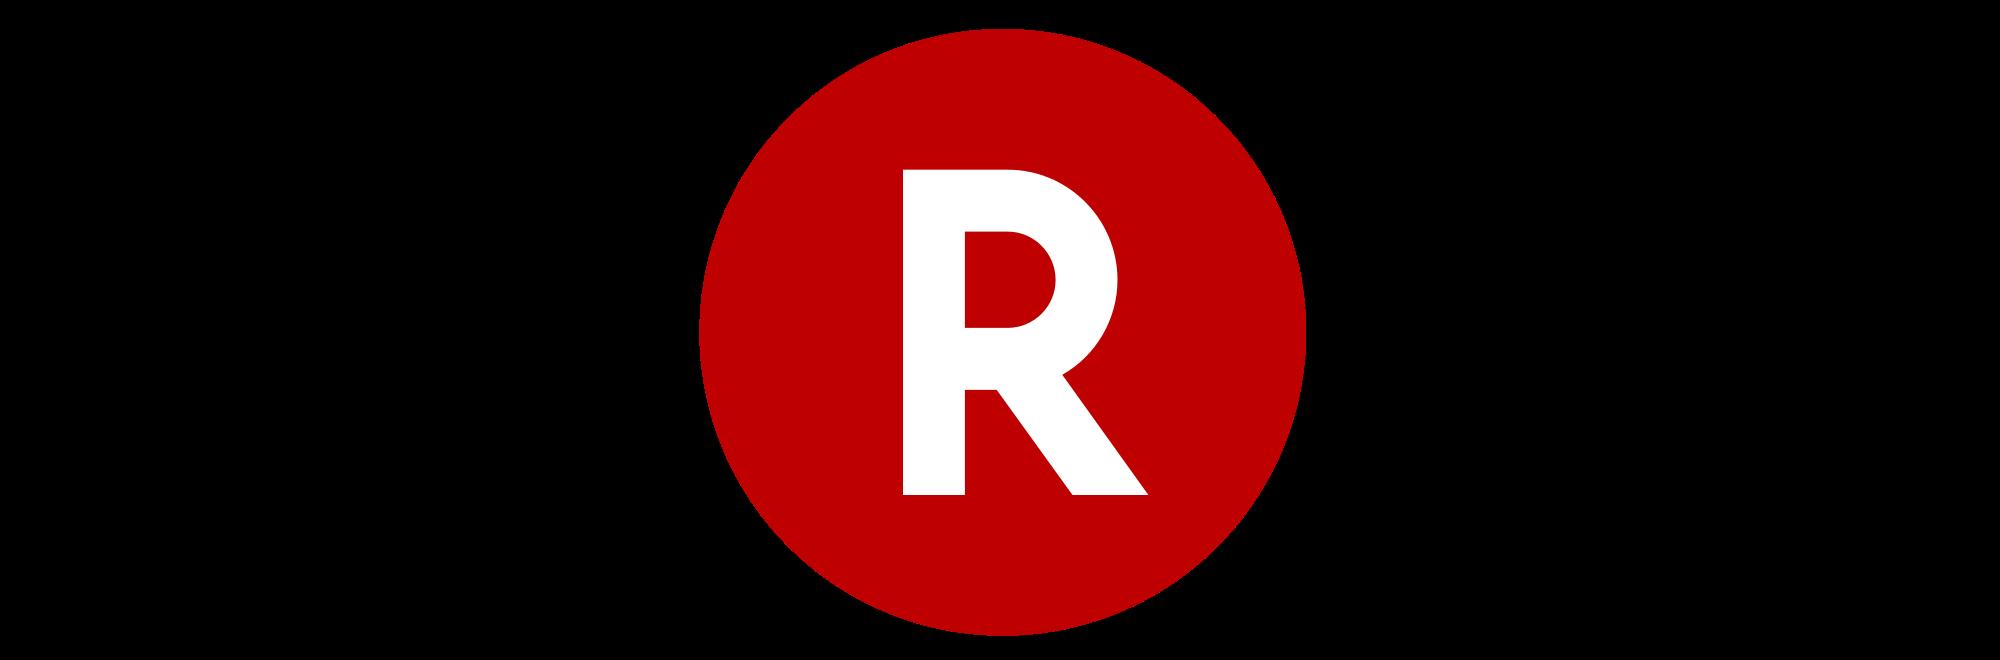 Open PlusPng.com  - Rakuten PNG